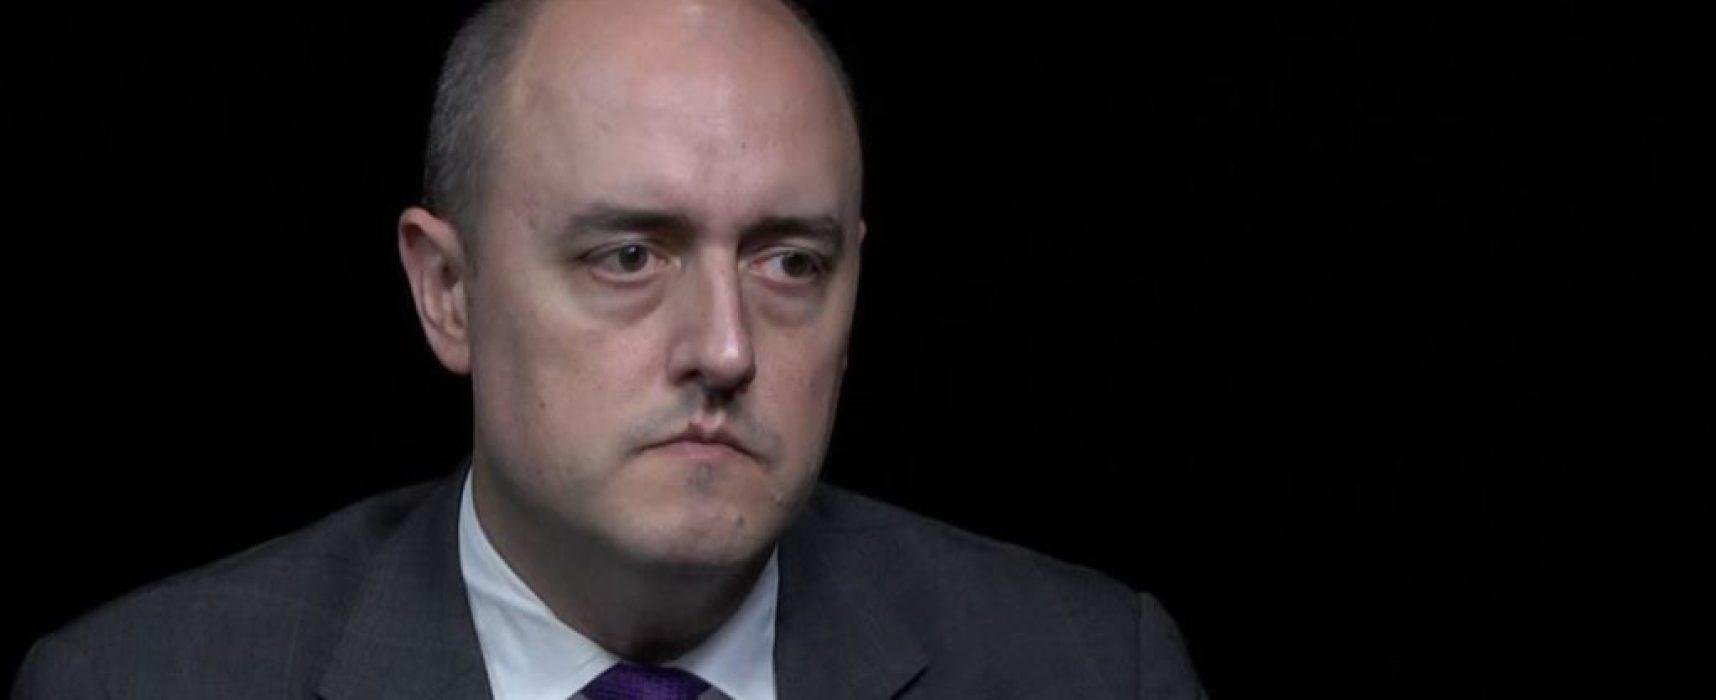 RFE/RL: российские власти освобождают автора Крым.Реалии Семену, но продолжают блокировать информацию о регионе